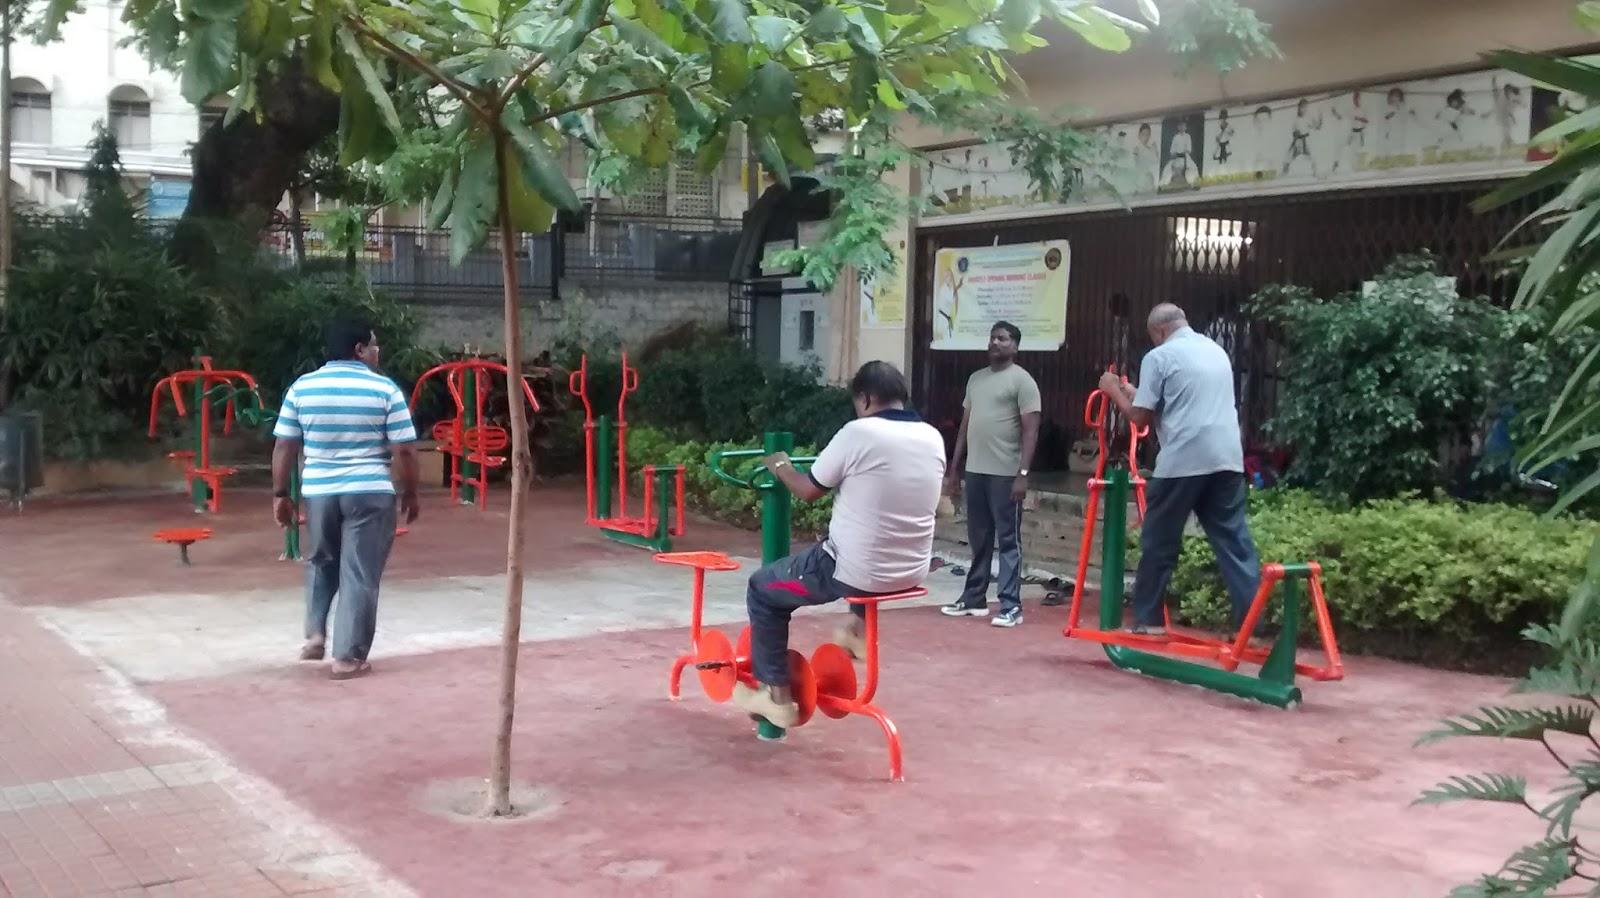 Affordable Gym Equipment In Sheshadripuram Park Blr